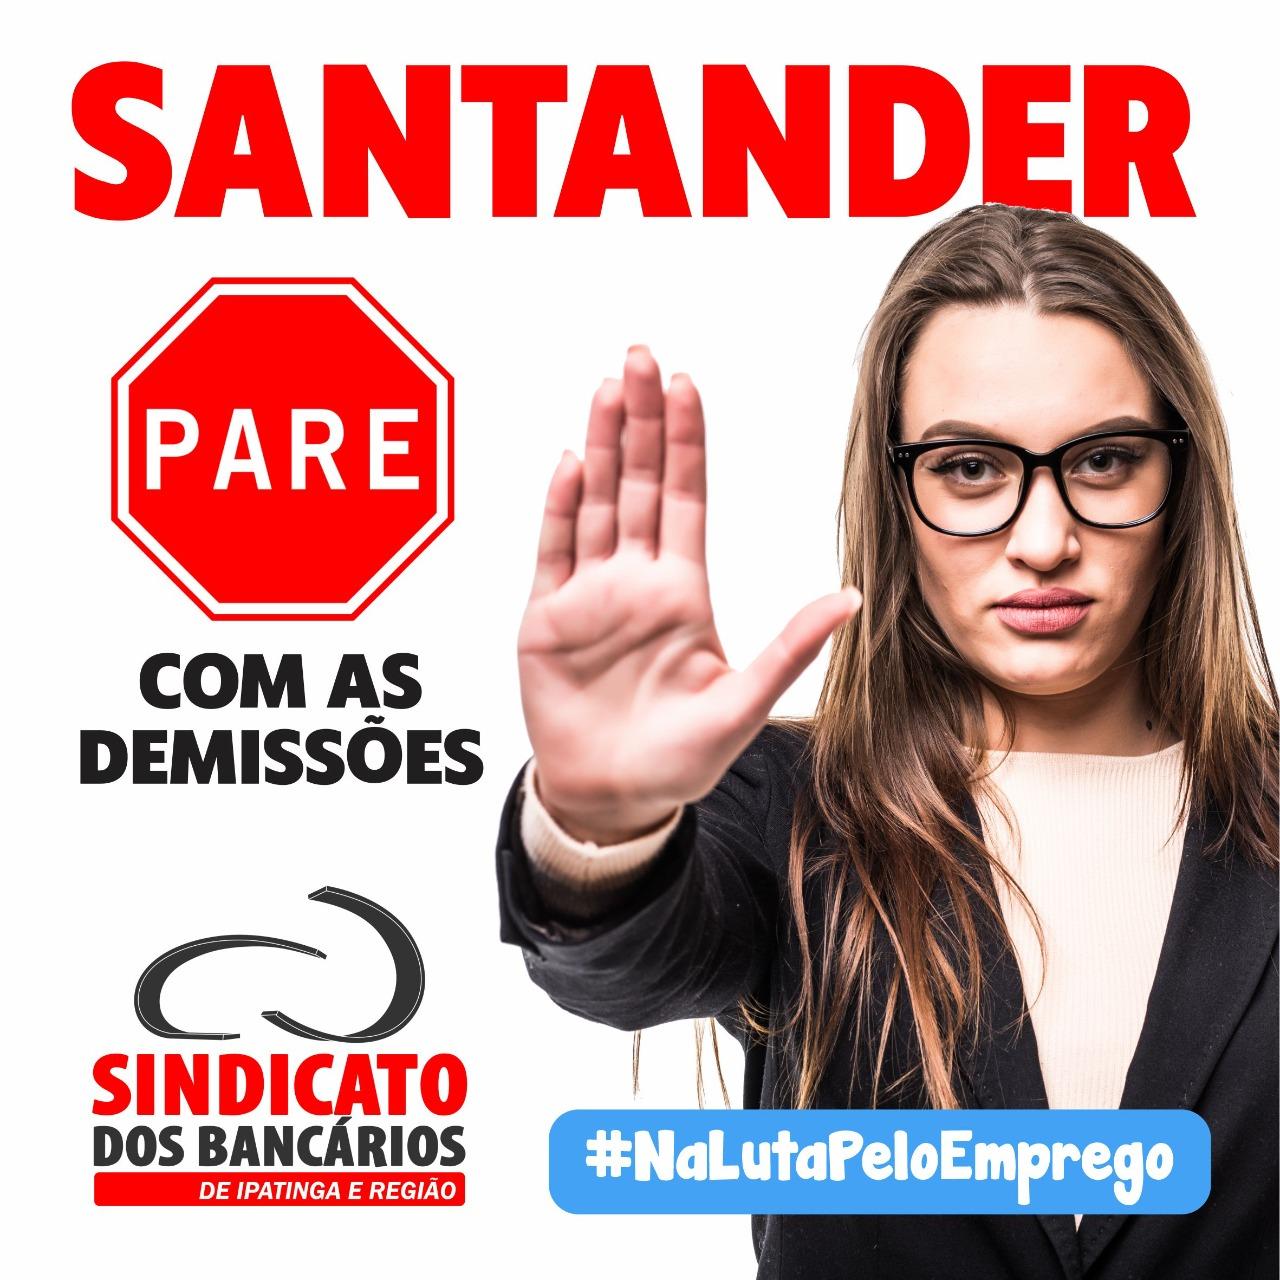 Imagem:Bancários protestam contra demissões no Santander